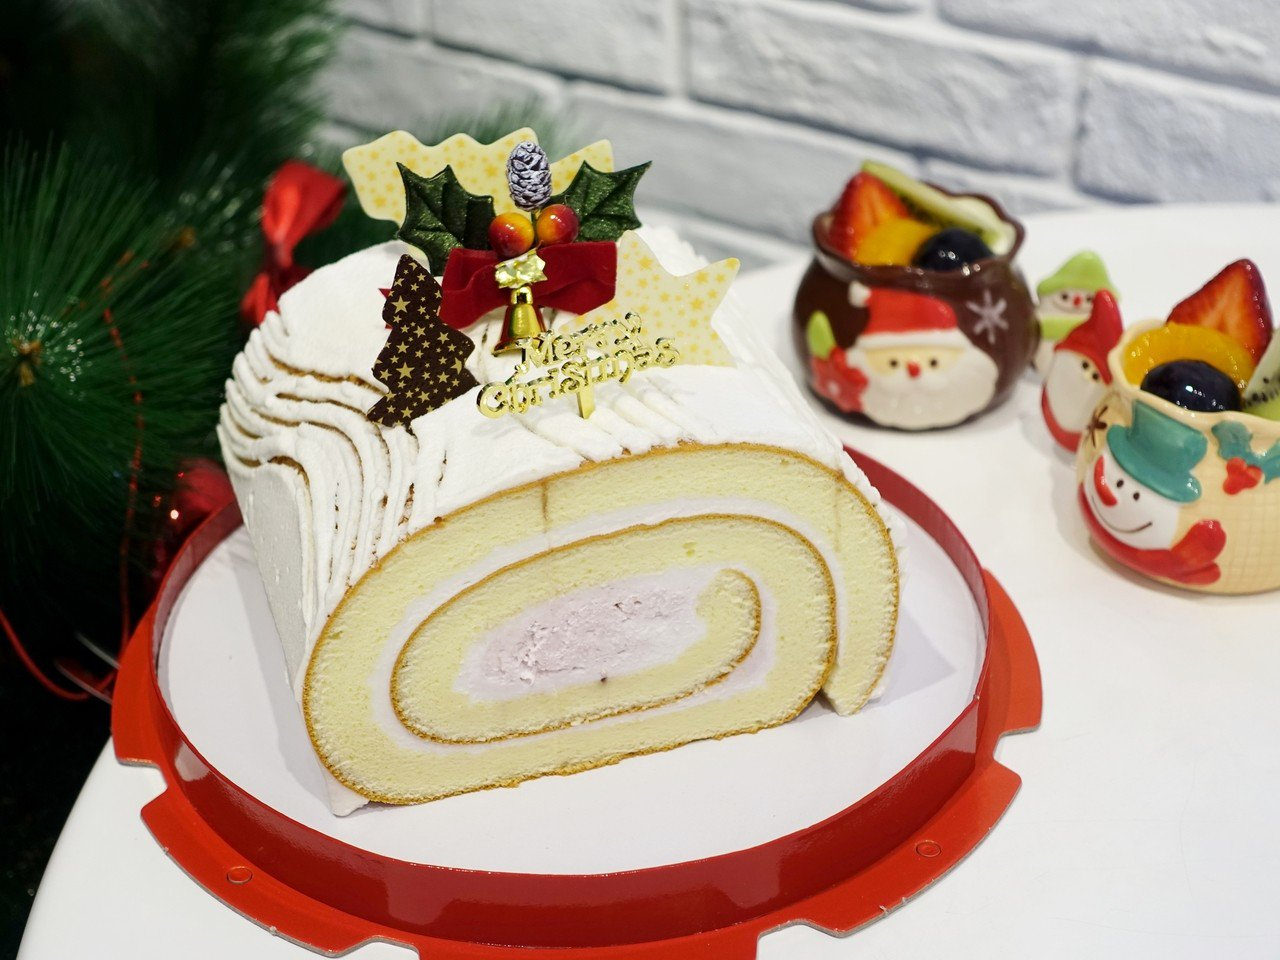 雪莓柴薪,售價690元。記者張芳瑜/攝影